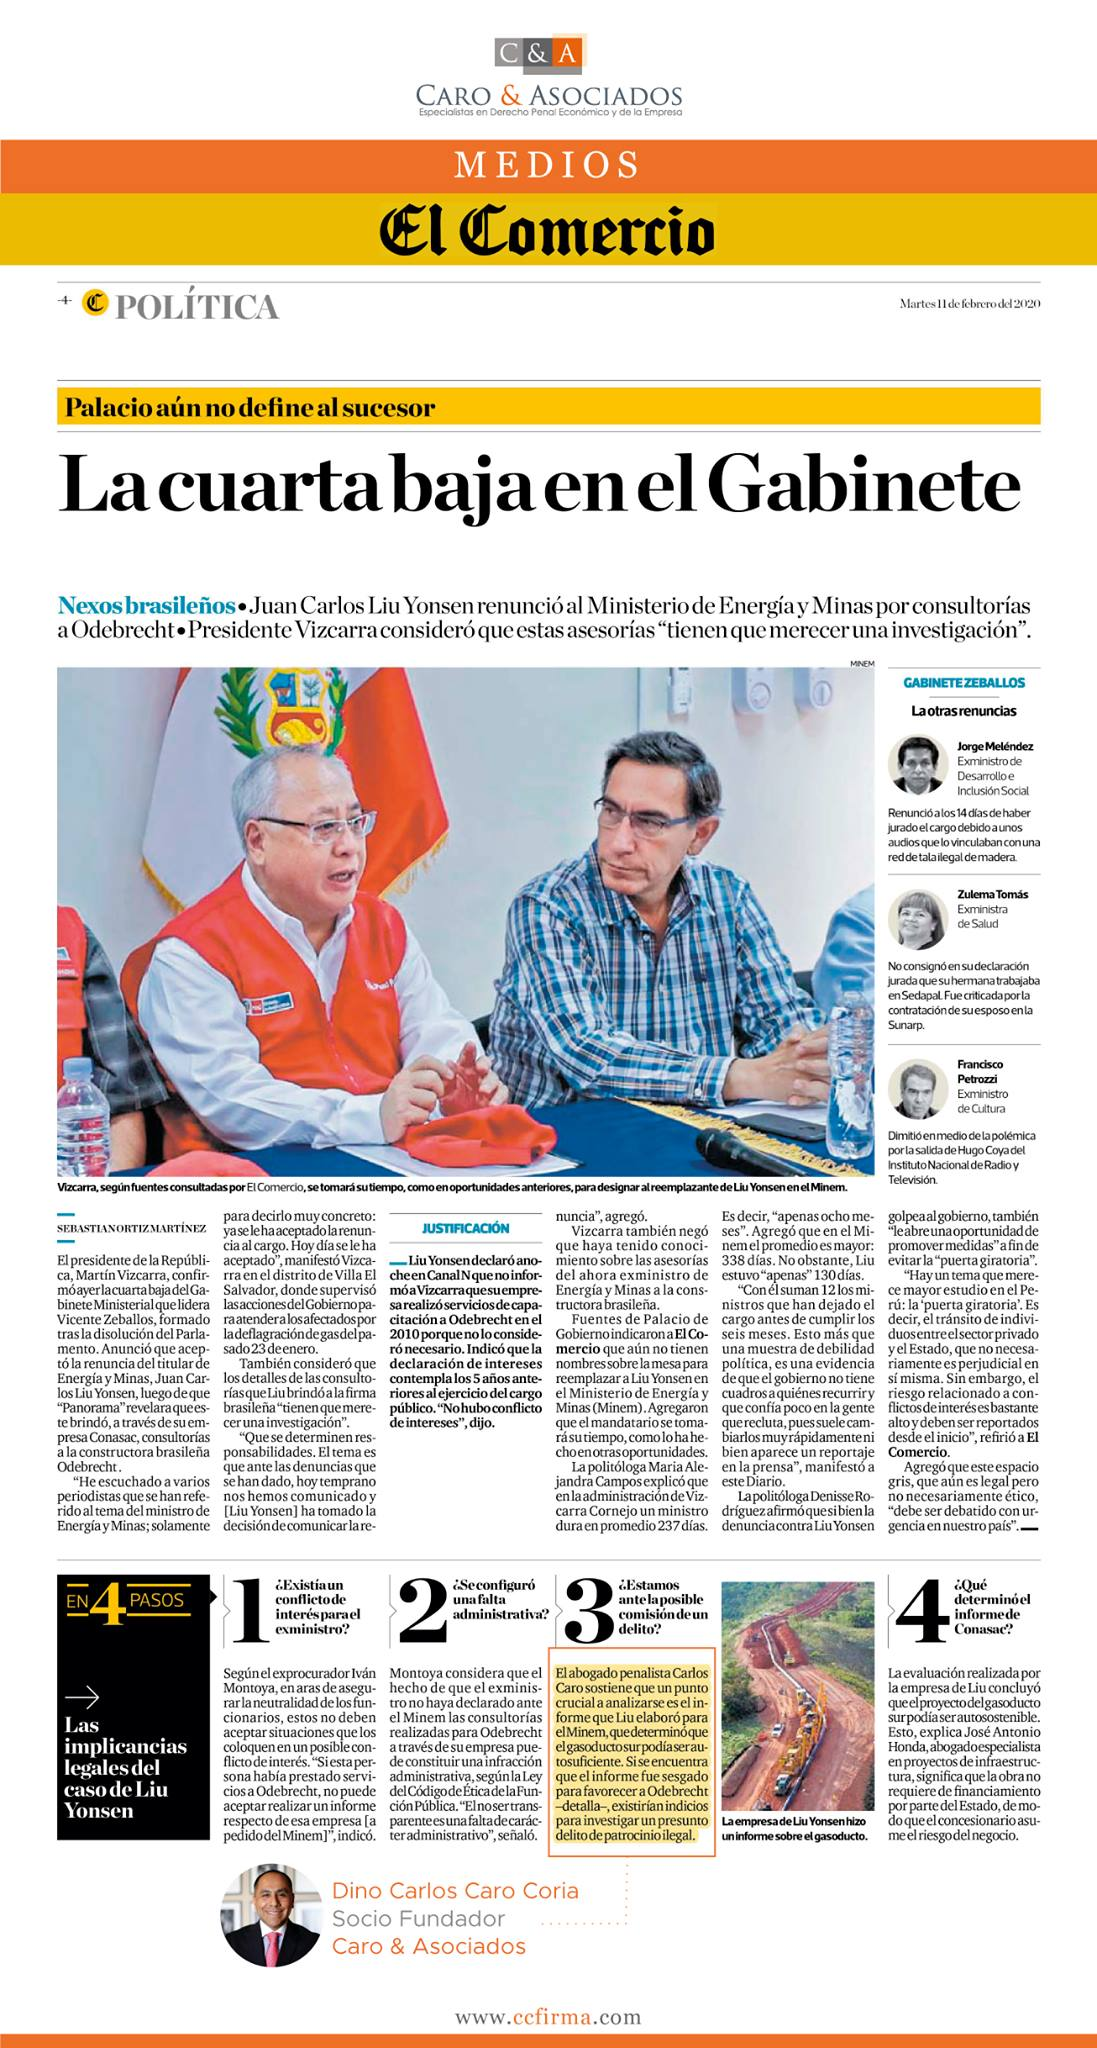 Las Consultorías Que Brindó A Odebrecht, El Ex Ministro Del MINEM, Juan Carlos Liu Yonsen